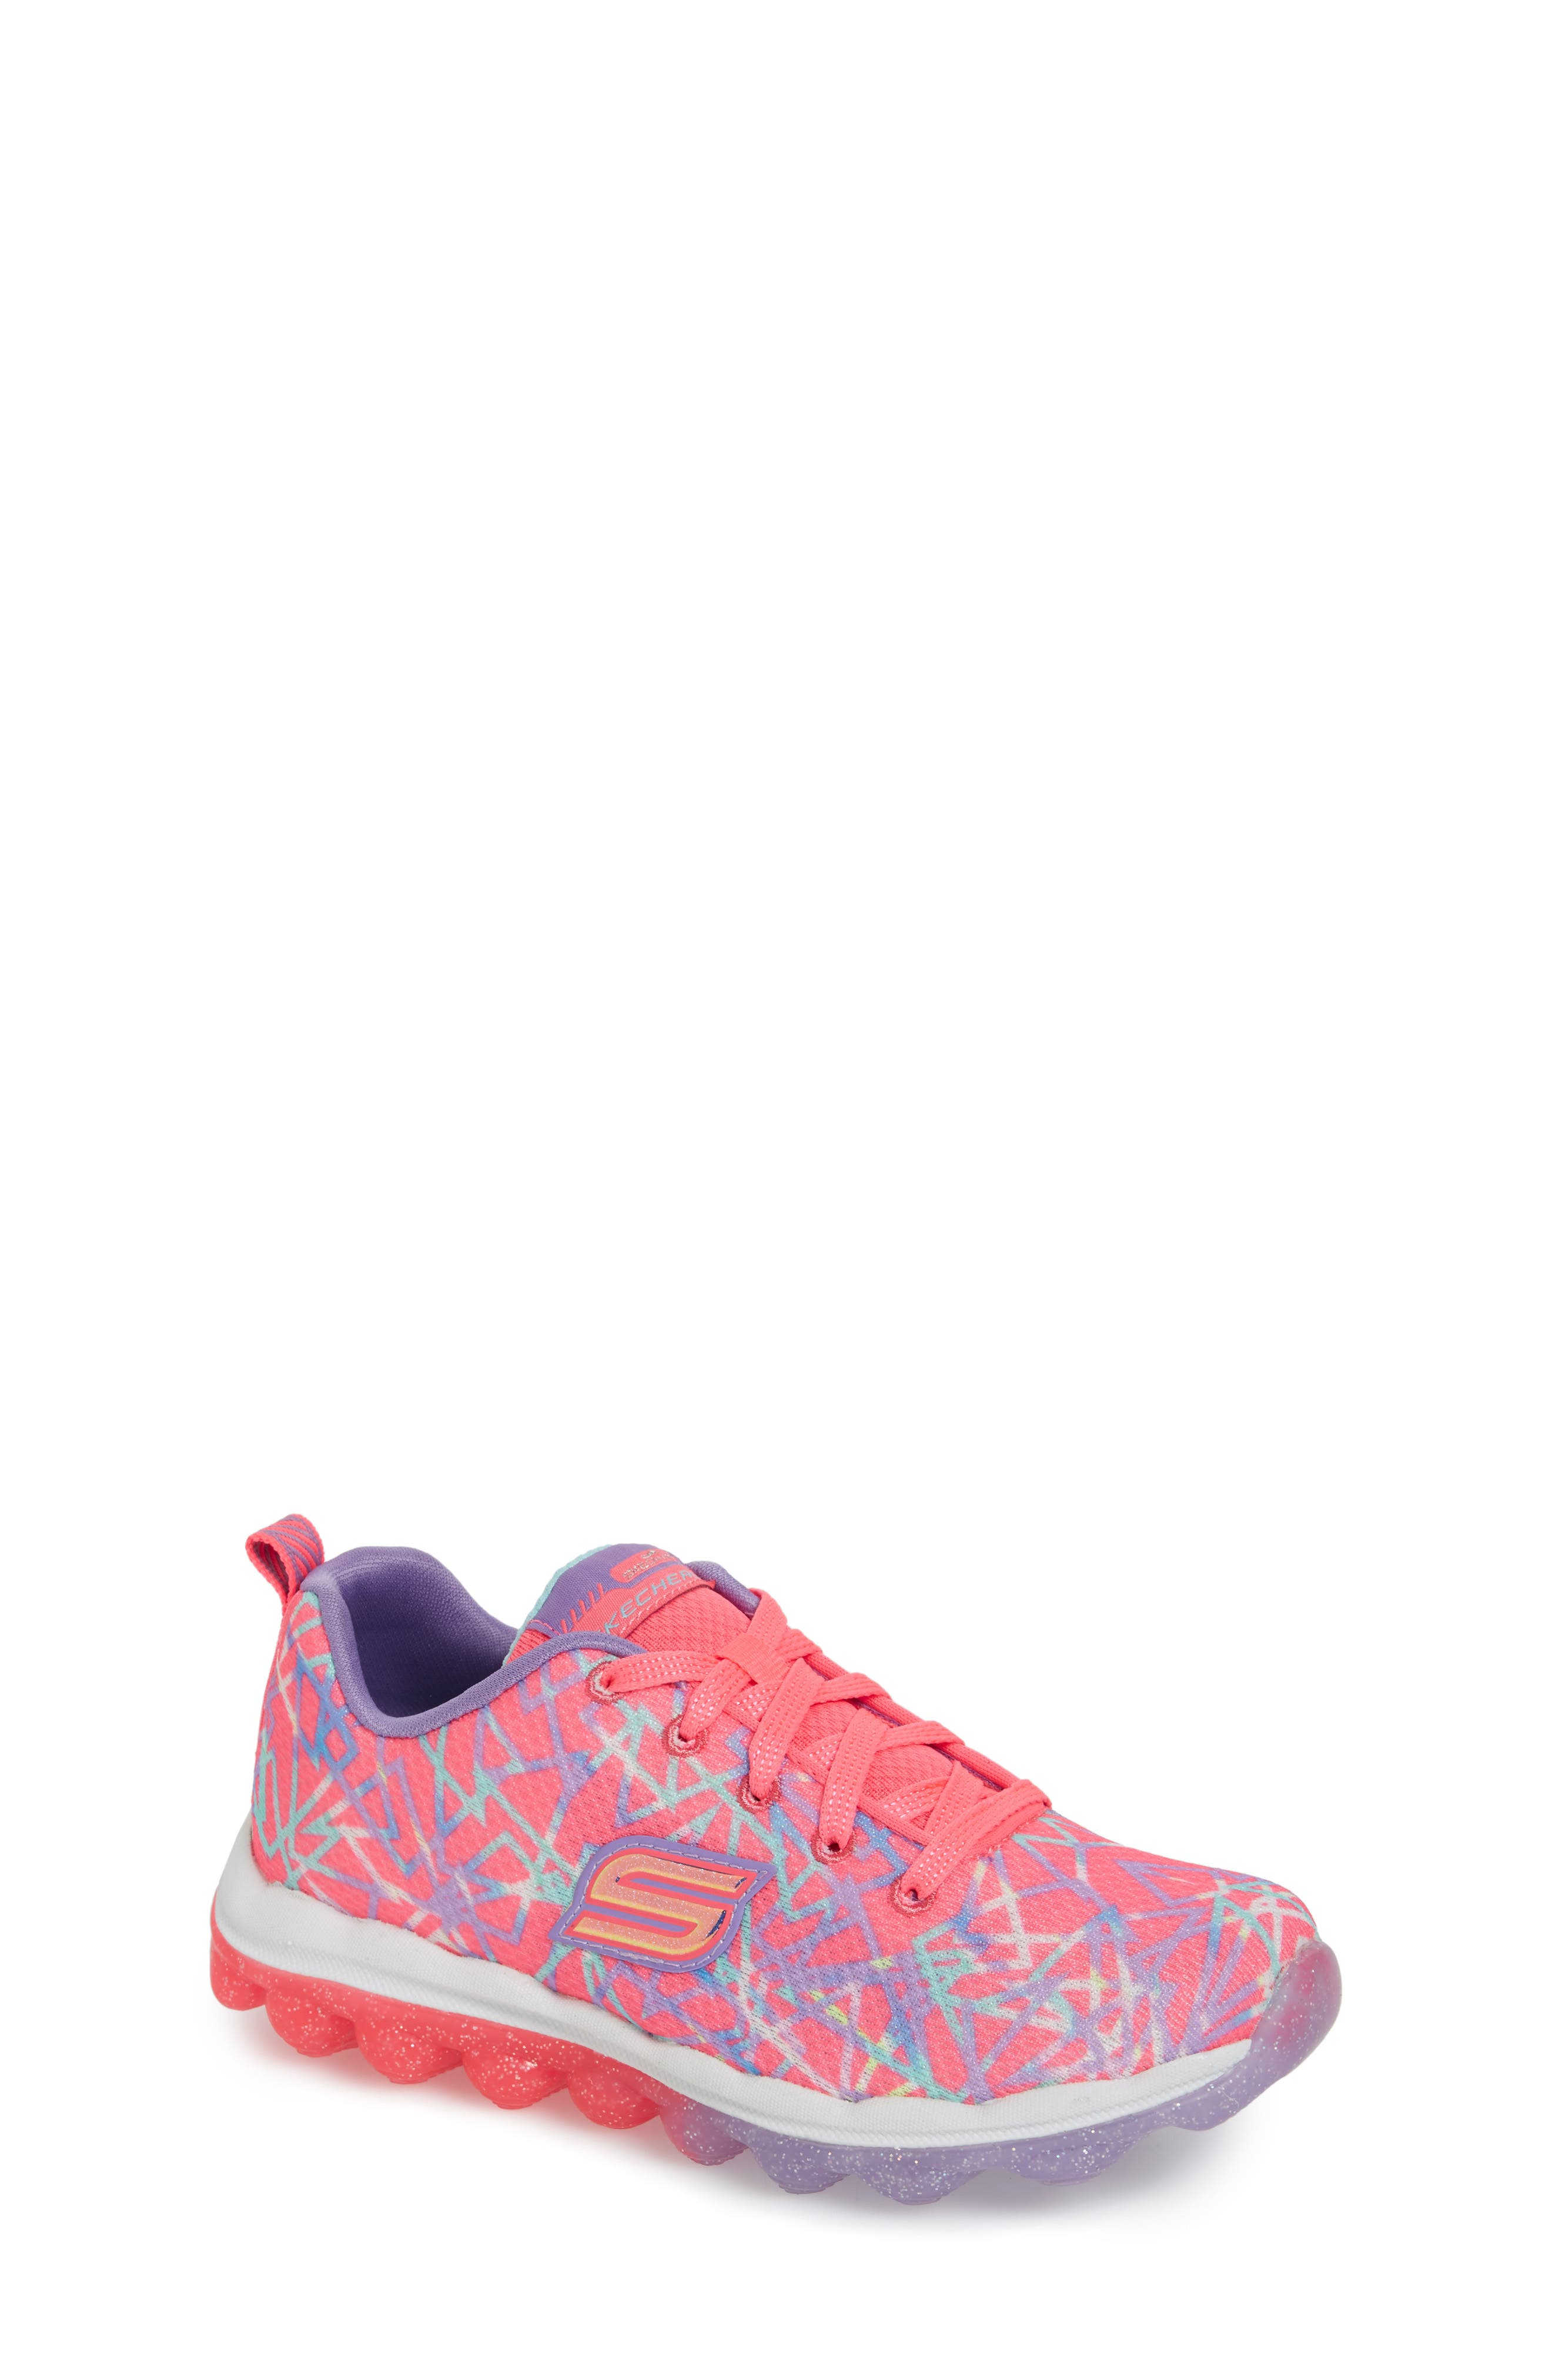 SKECHERS Skech-Air Sneaker (Toddler, Little Kid & Big Kid)